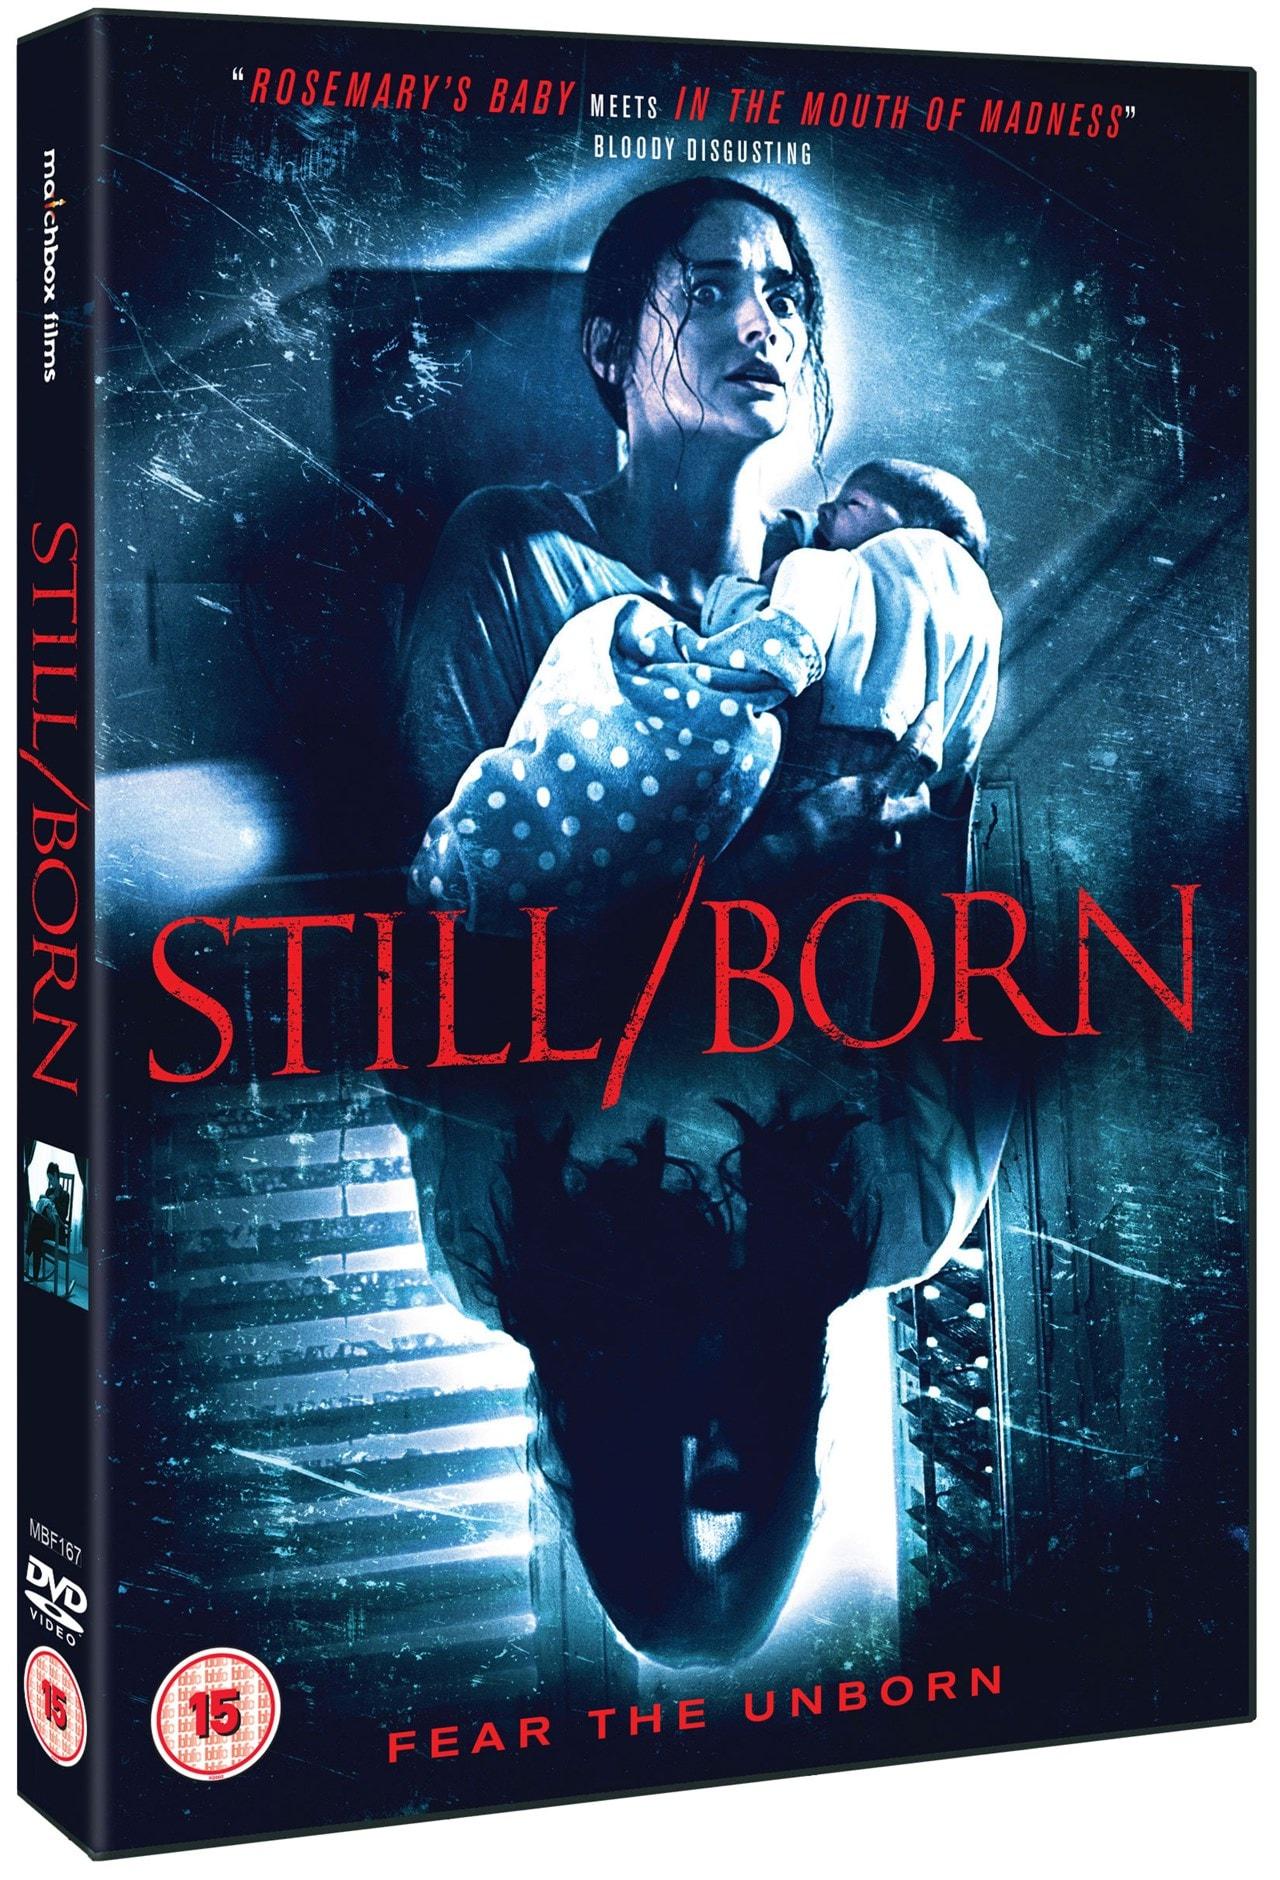 Still/born - 2